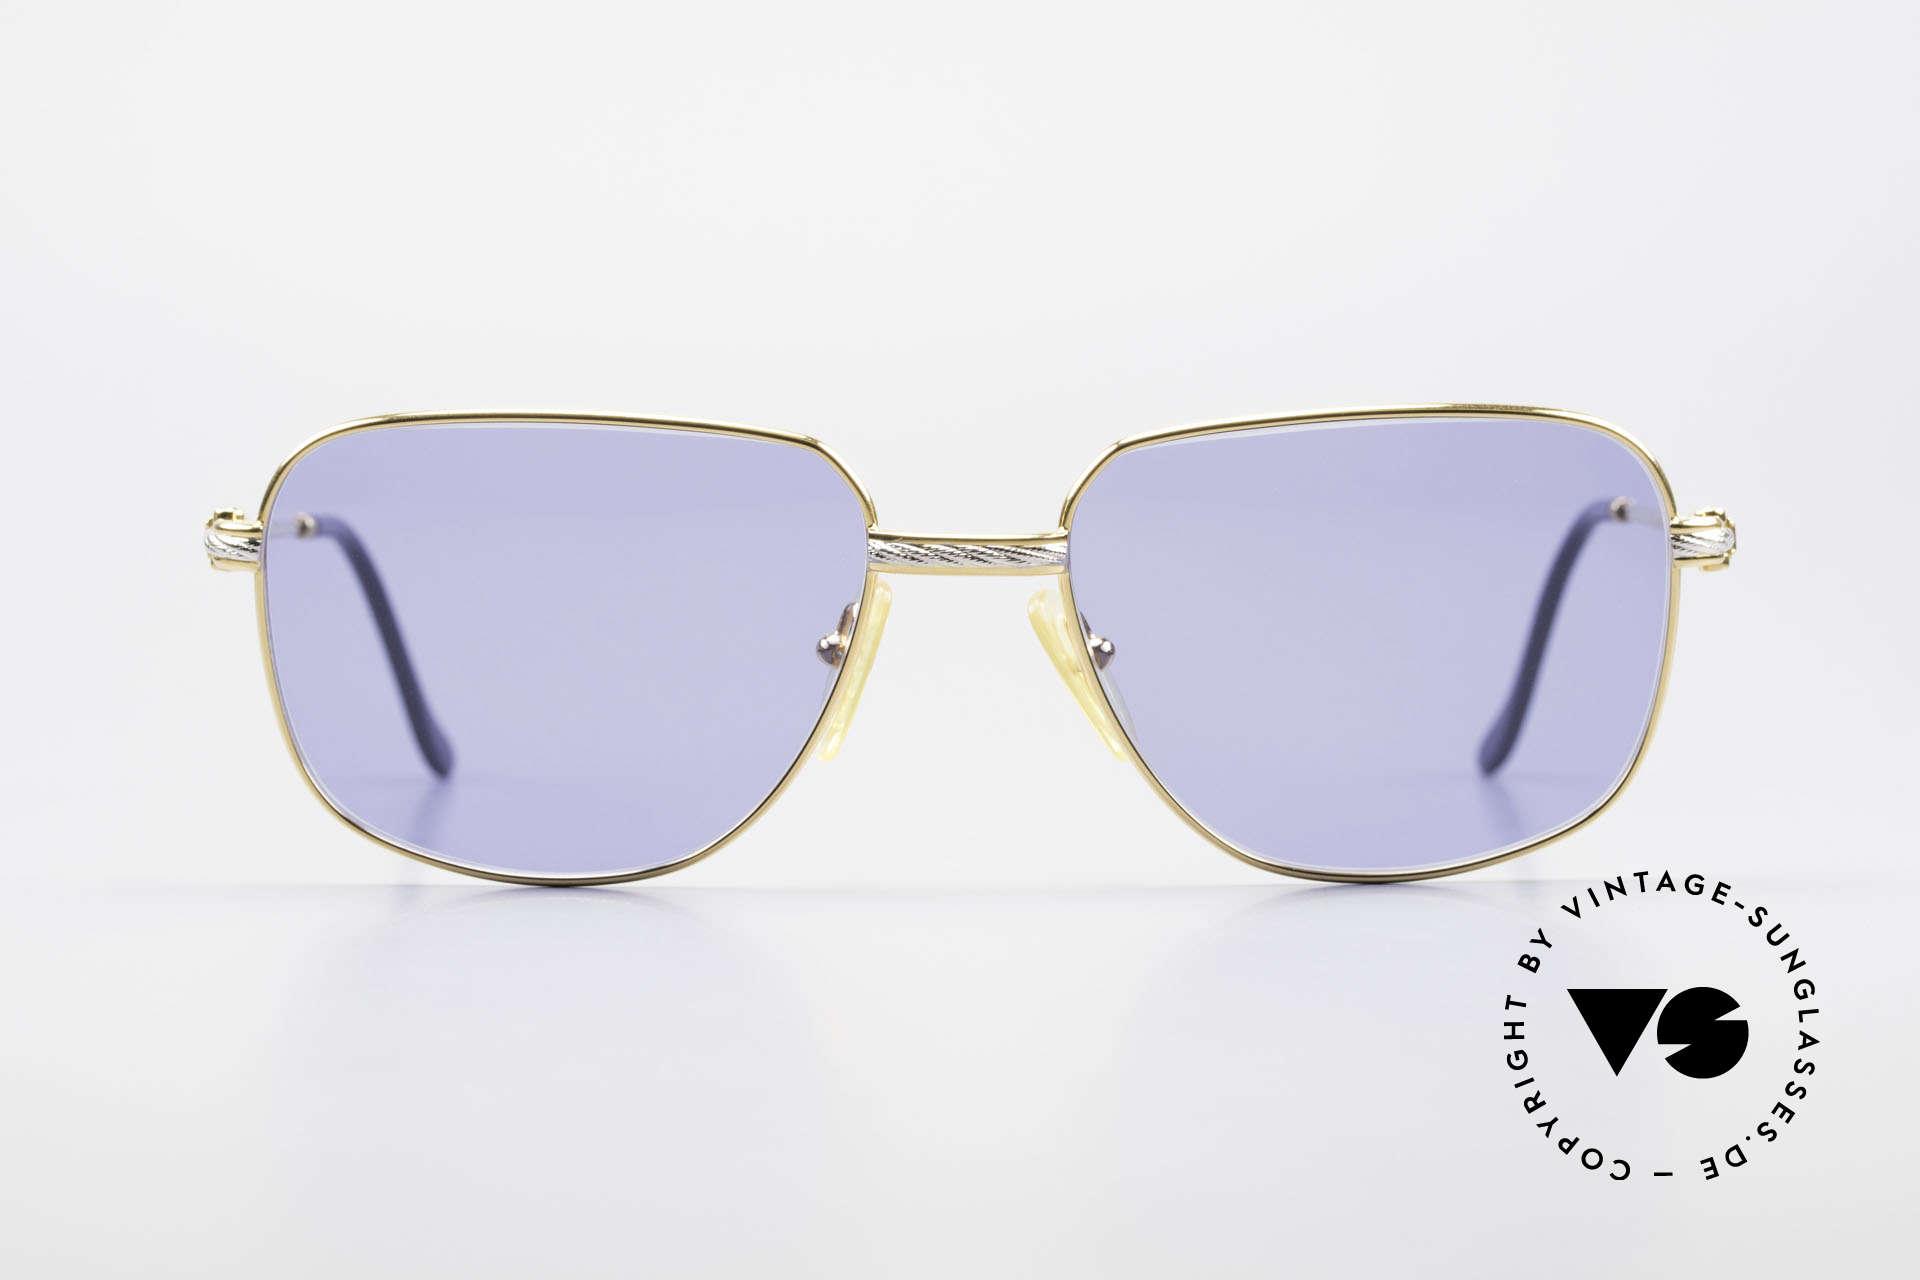 Fred Zephir Luxus Segler Sonnenbrille 80er, marines Design (charakteristisch Fred) in Top-Qualität, Passend für Herren